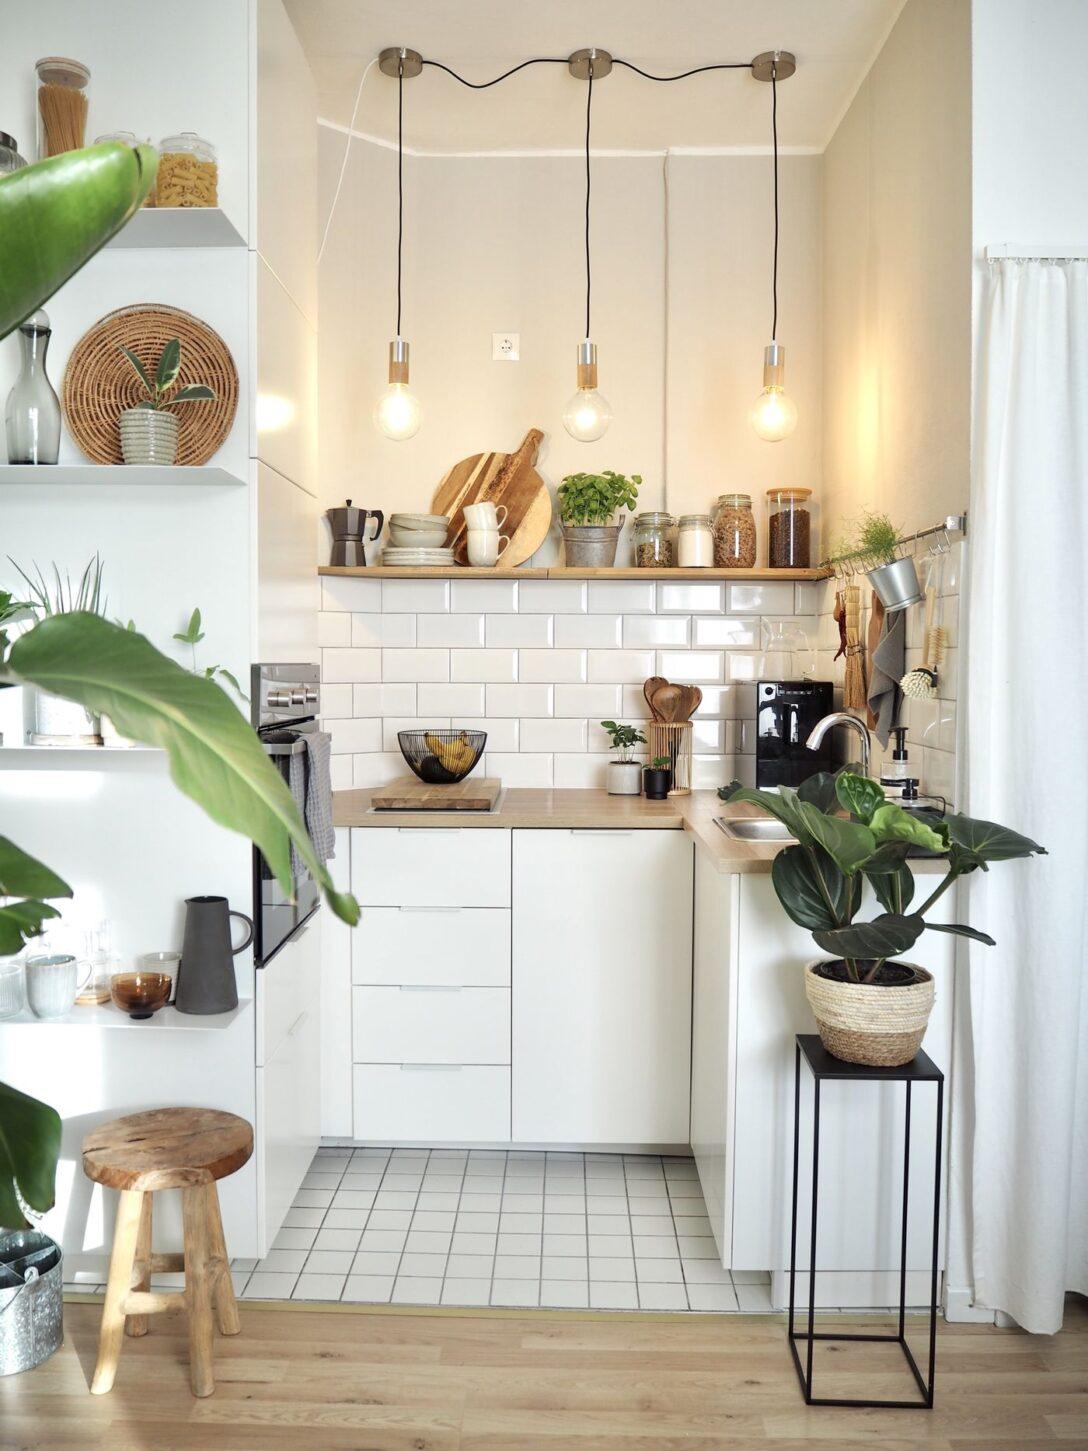 Large Size of Landhausküche Einrichten Kleine Kchen Singlekchen Moderne Weiß Grau Weisse Küche Badezimmer Gebraucht Wohnzimmer Landhausküche Einrichten